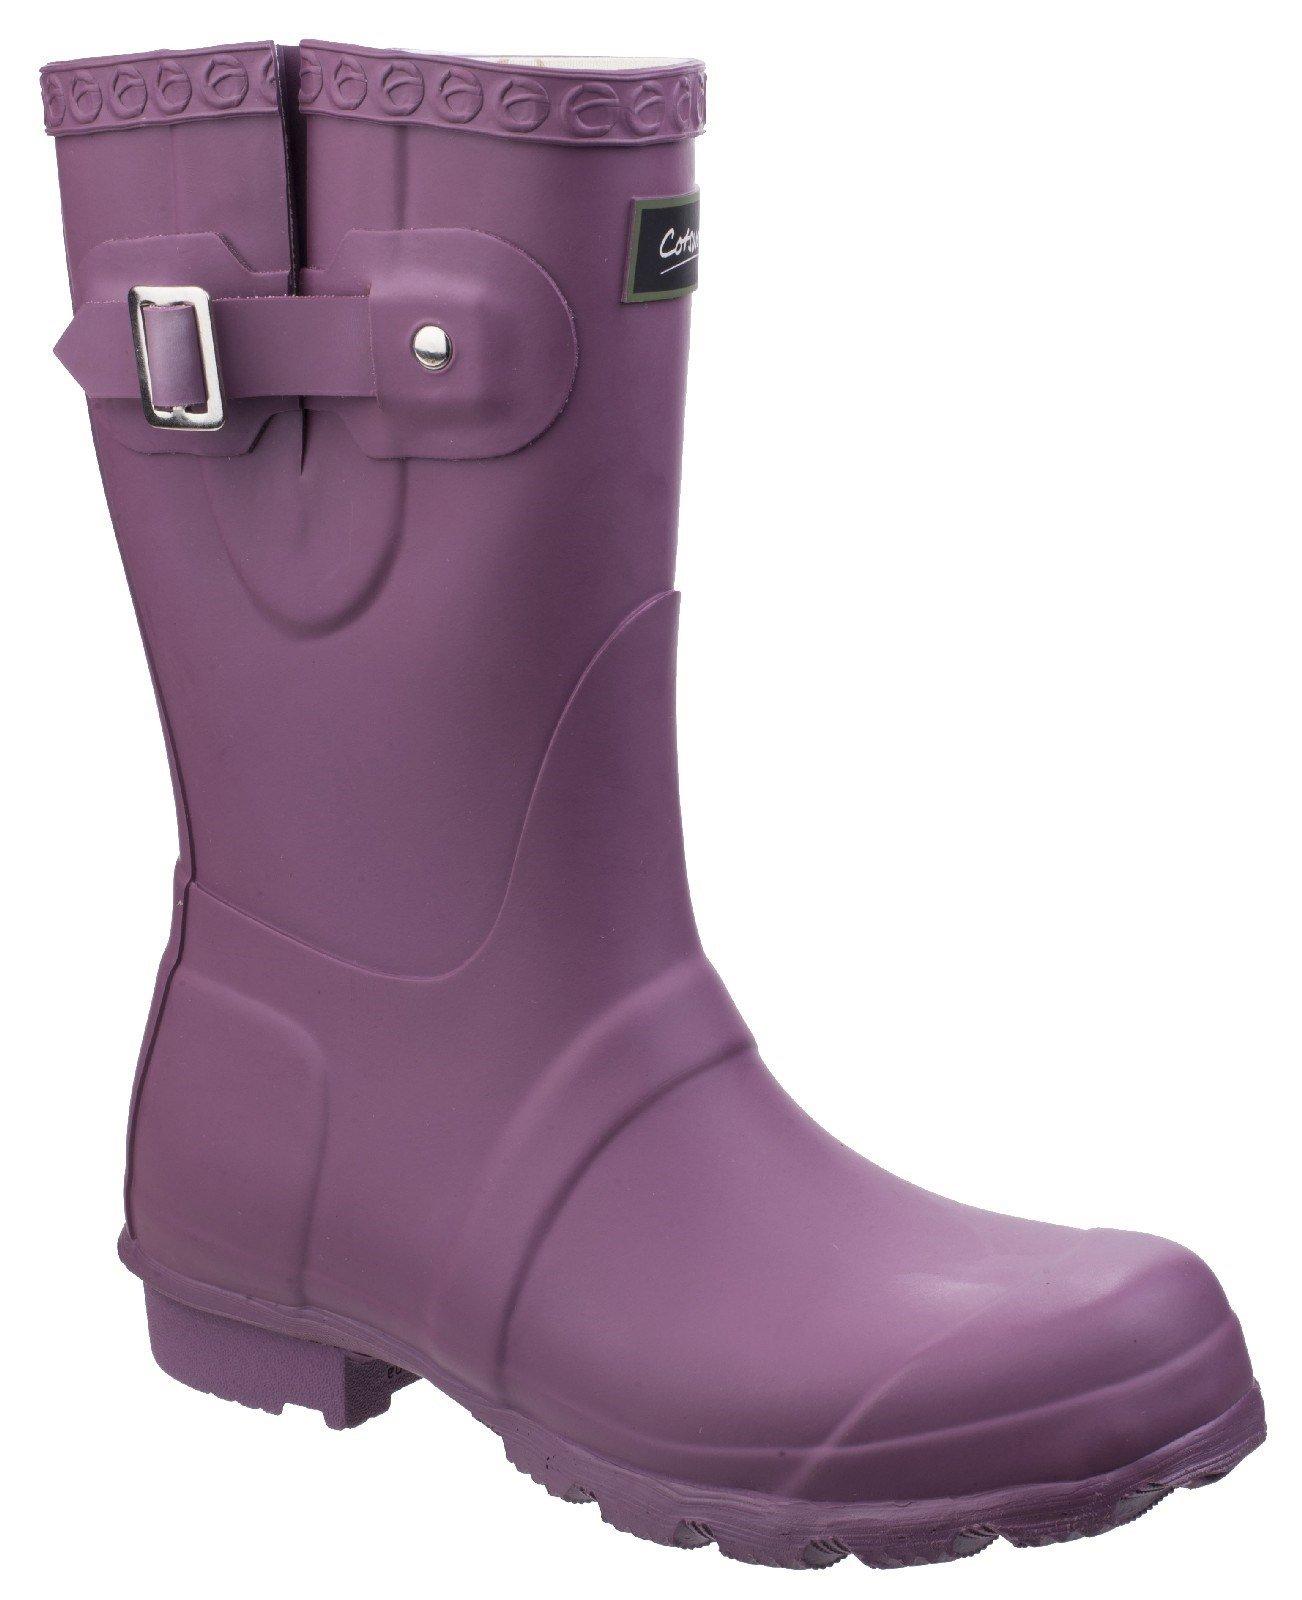 Cotswold Women's Windsor Short Wellington Boot Various Colours 25537 - Purple 3